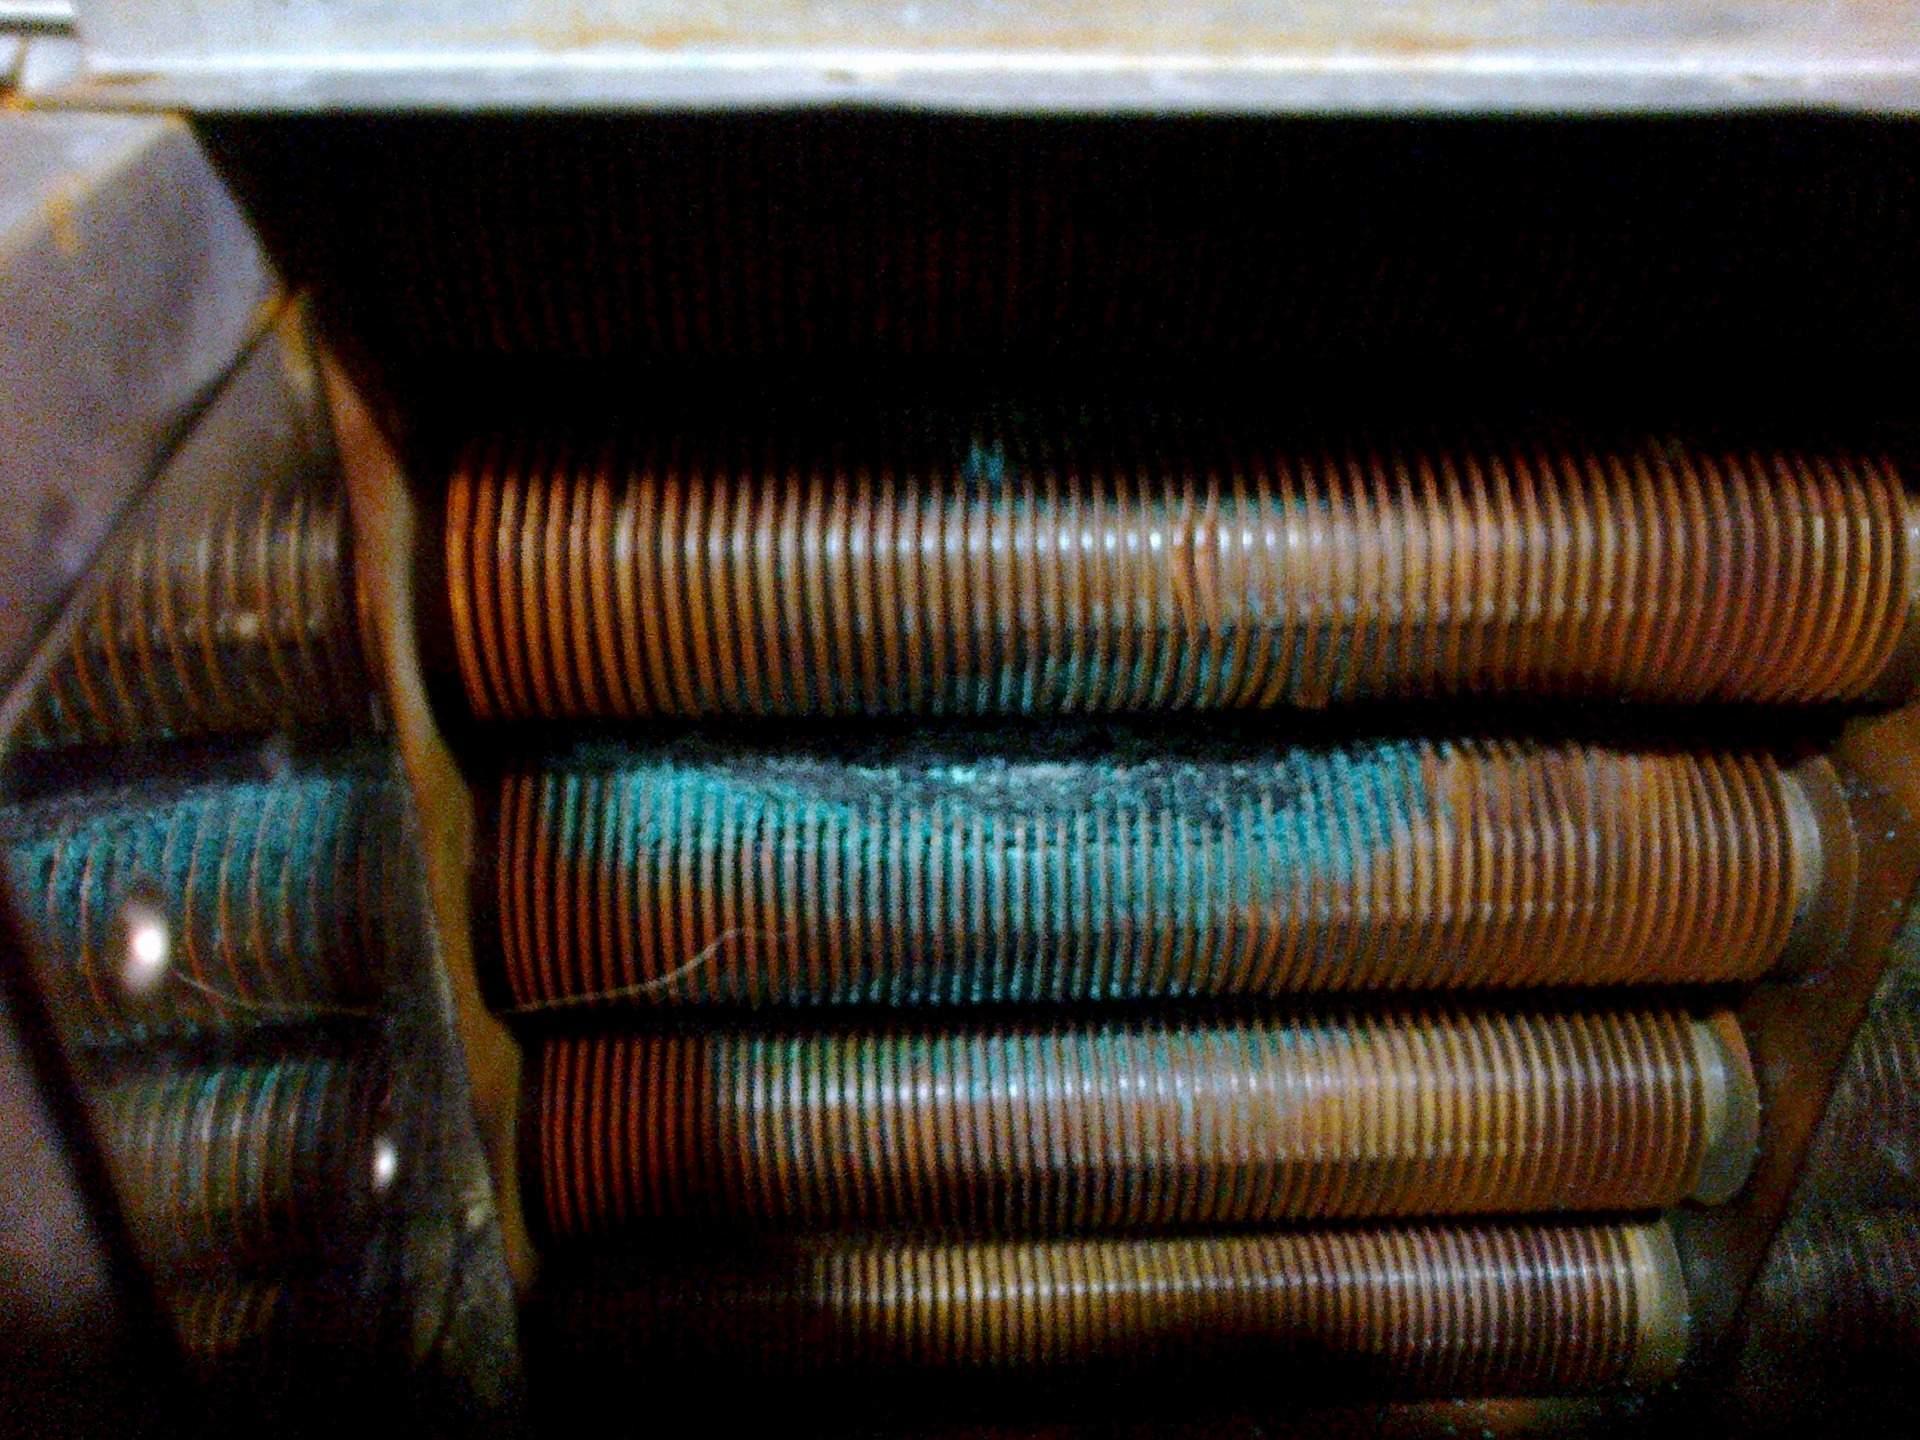 схема подключения газового котла логомакс u072-24к схема подключения газового котла мастергаз